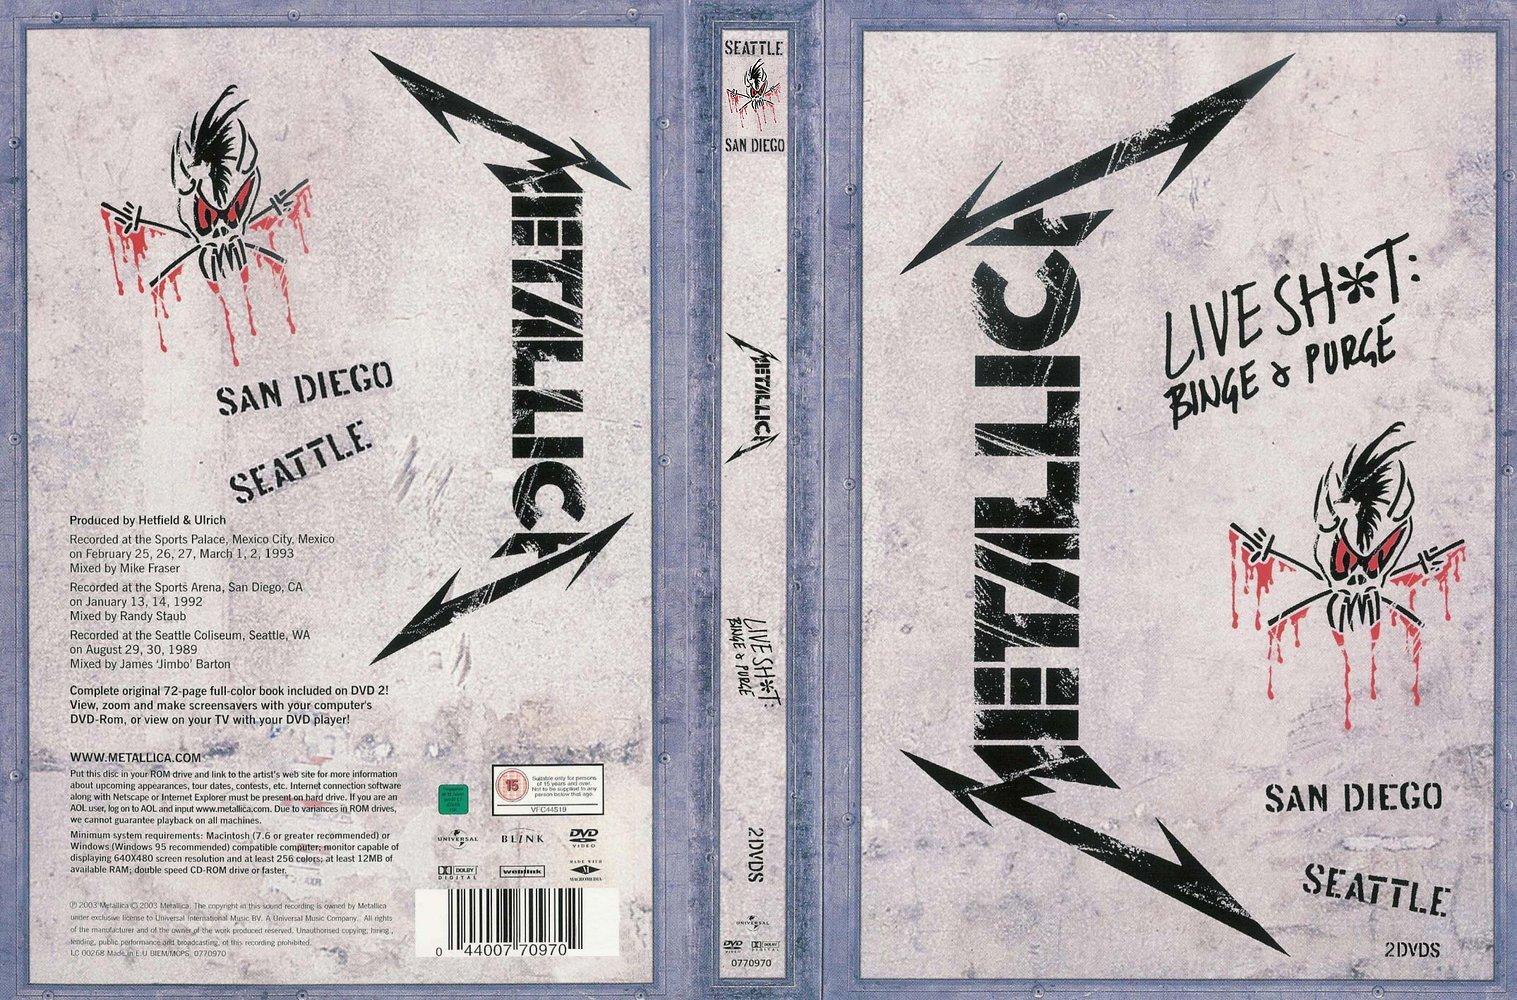 Metallica Live Shit: Binge & Purge